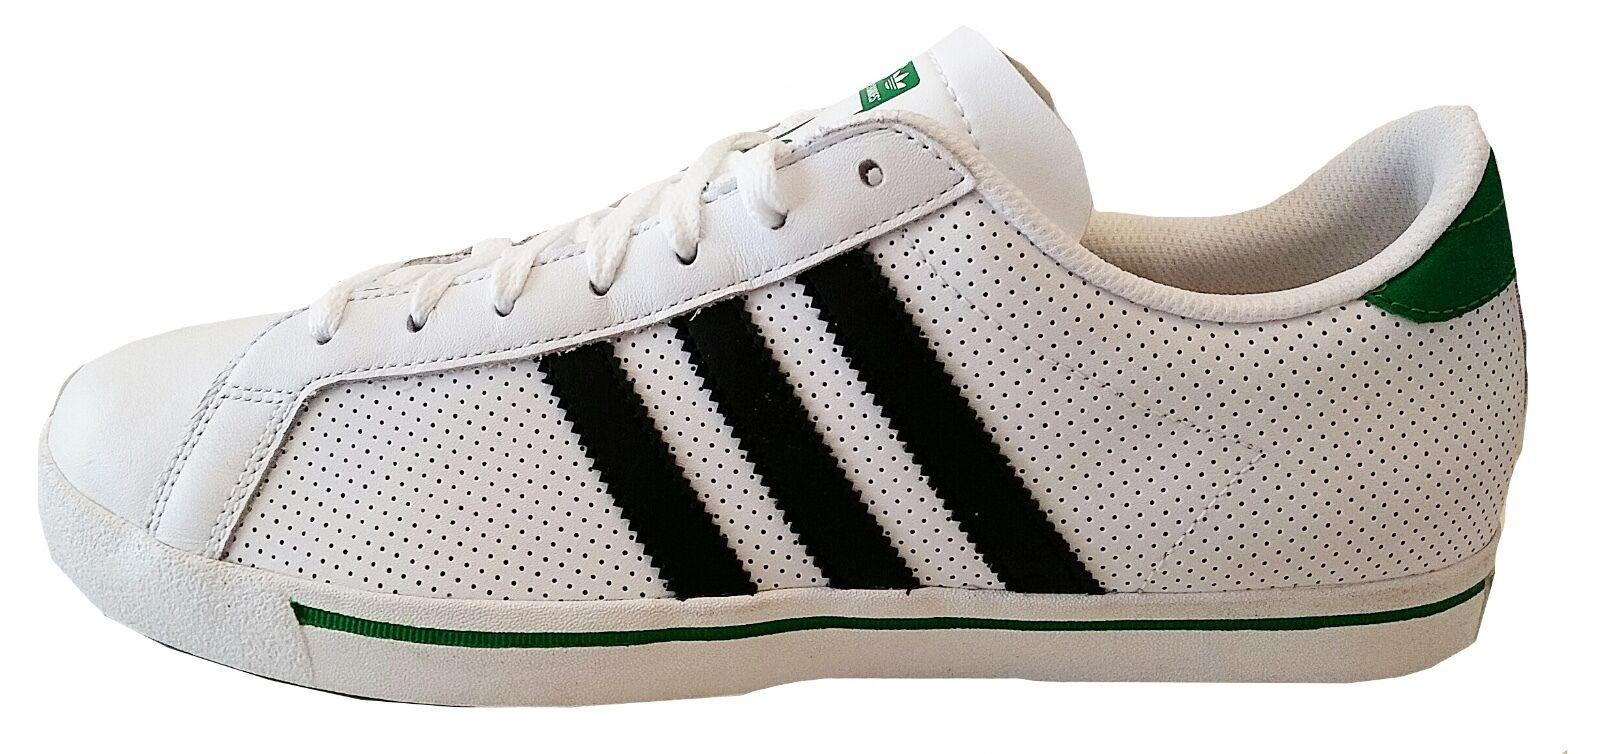 Adidas homme Vertstar trainer Chaussure Q23030 blanc/vert/noir cuir taille 10uk neuf